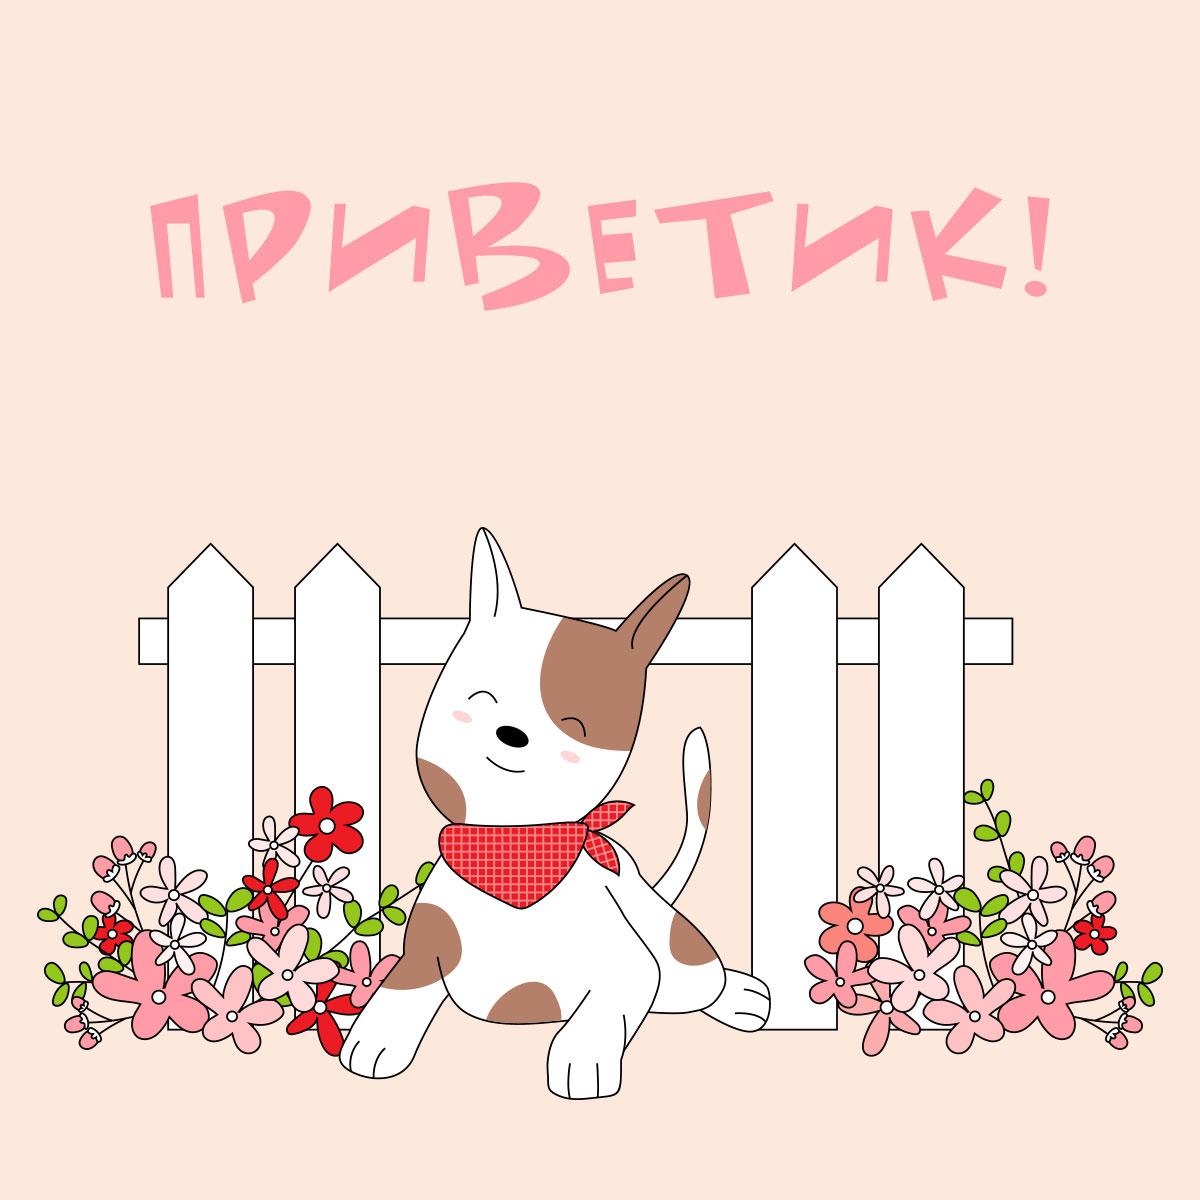 Надпись приветик и щенок на фоне забора и цветов.